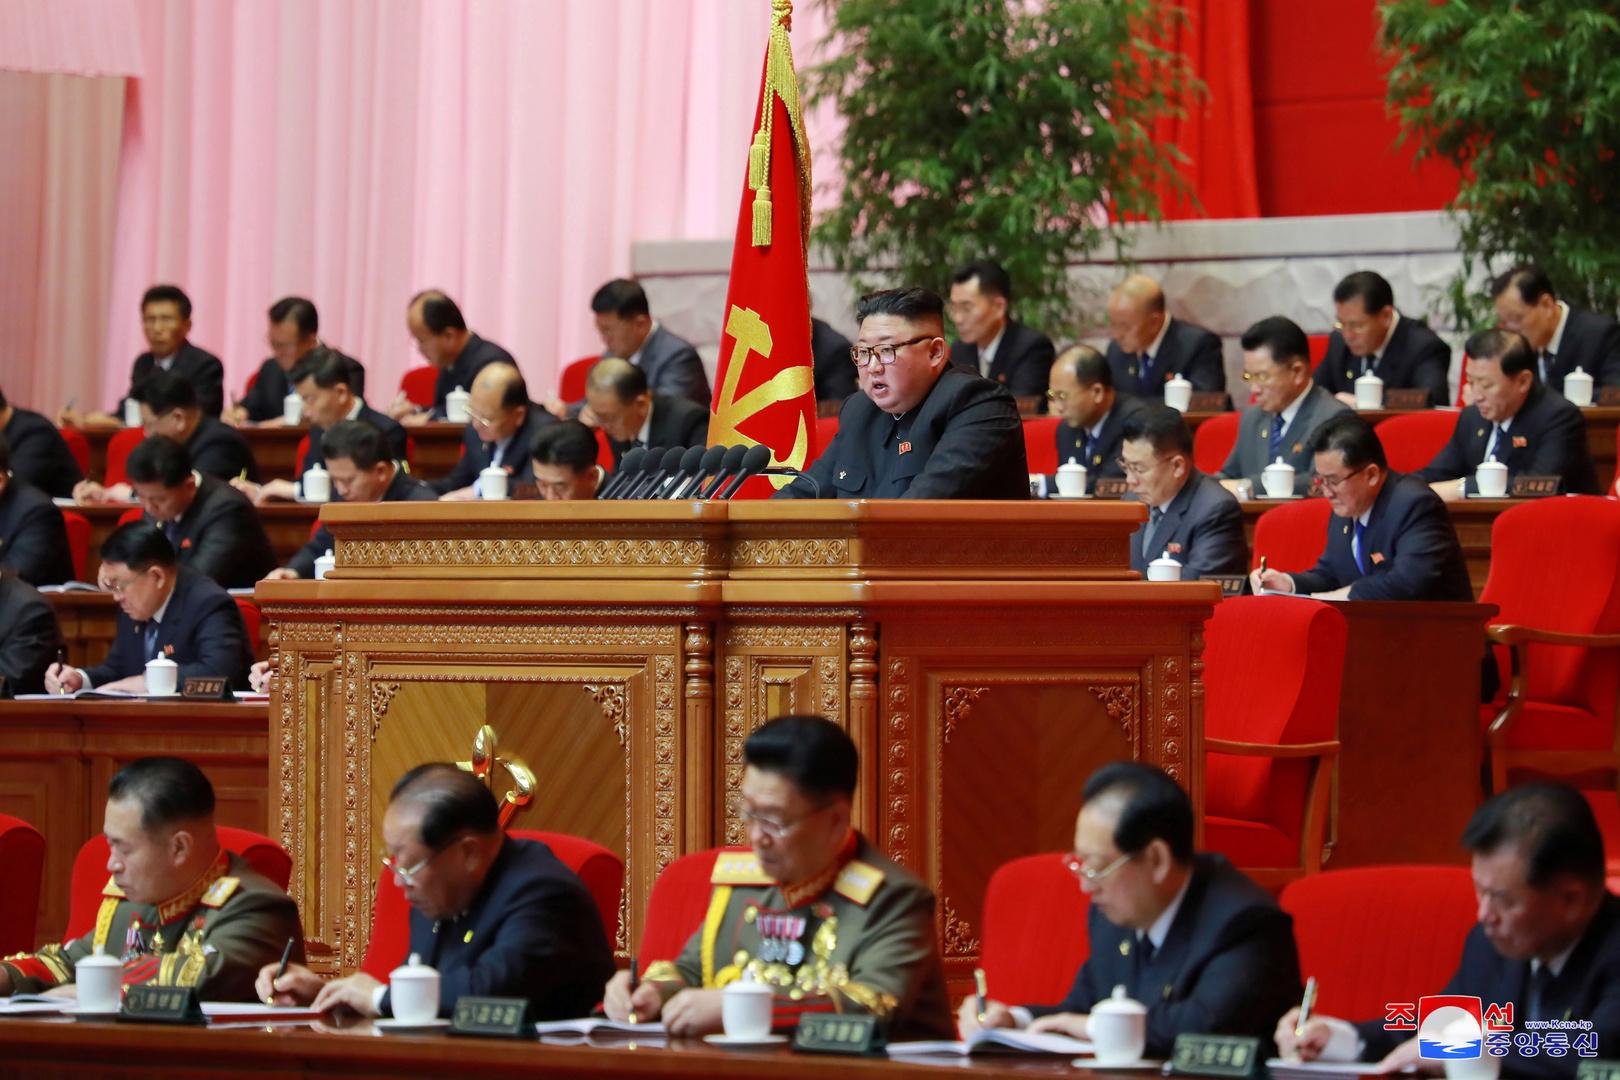 كيم يتعهد بتعزيز القدرات العسكرية لكوريا الشمالية